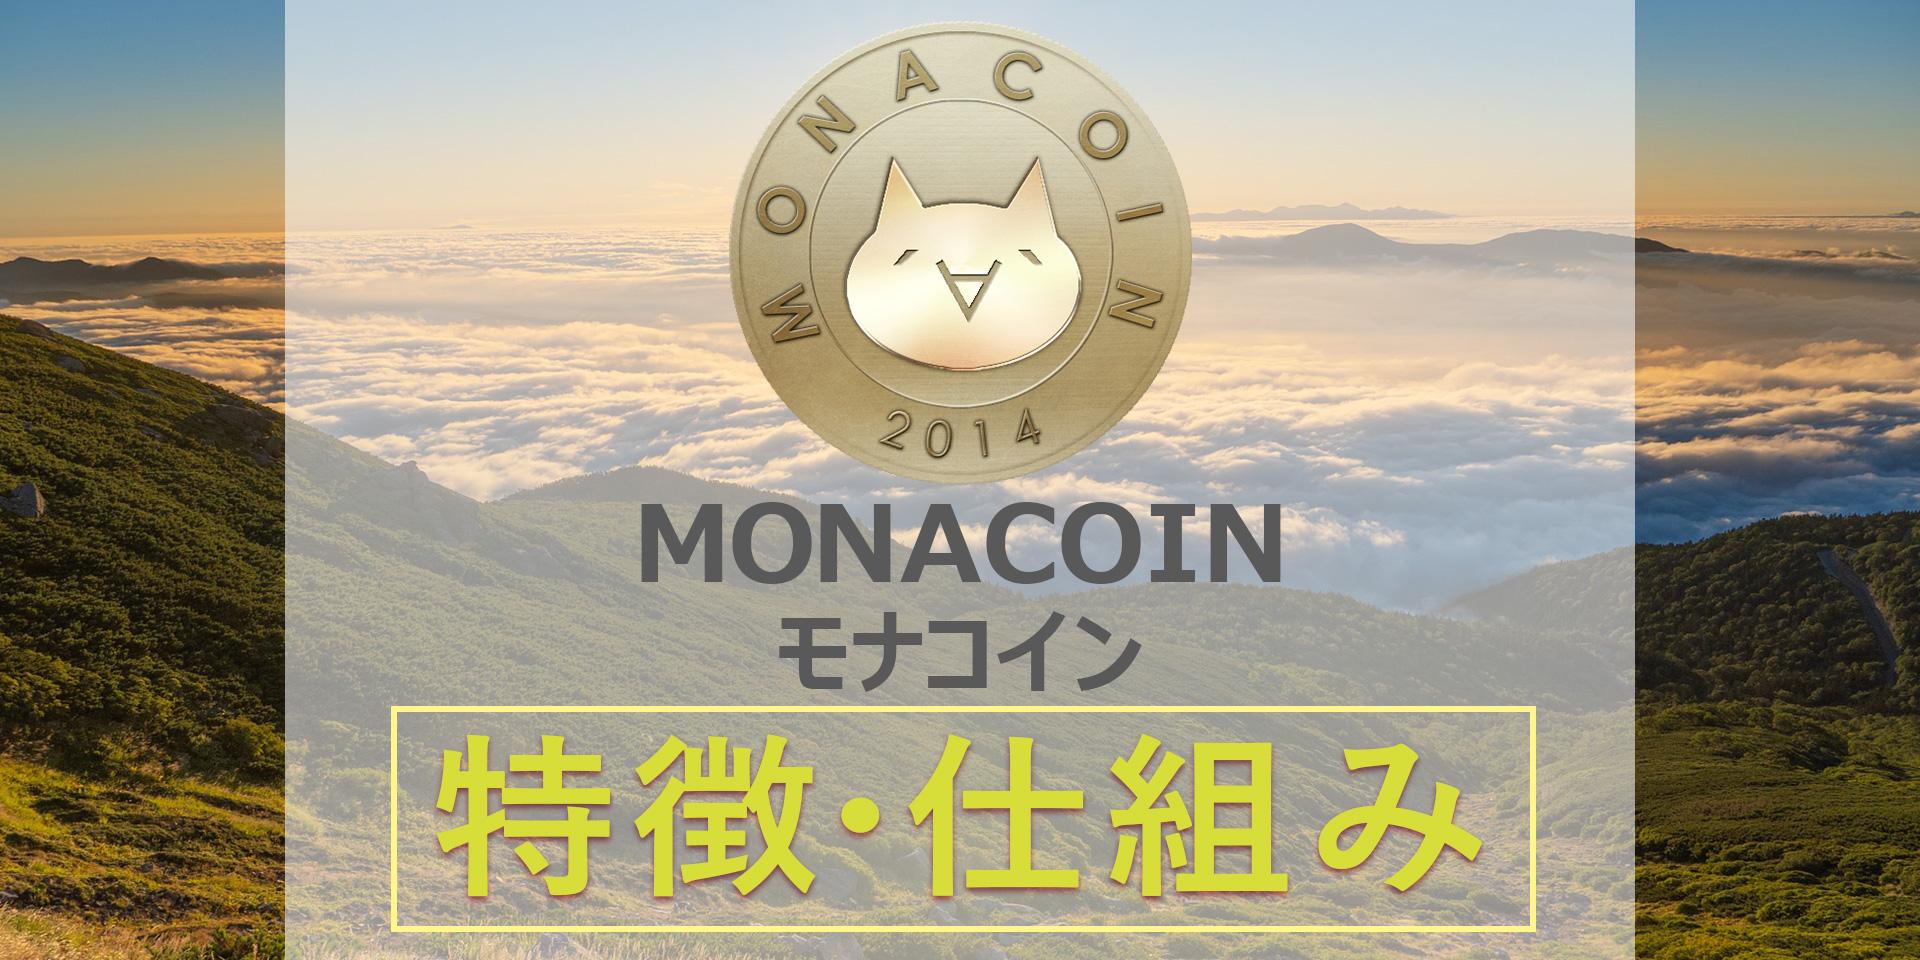 モナコイン(Monacoin)とは?2ちゃんねるから生まれた日本発の仮想通貨を徹底解説!